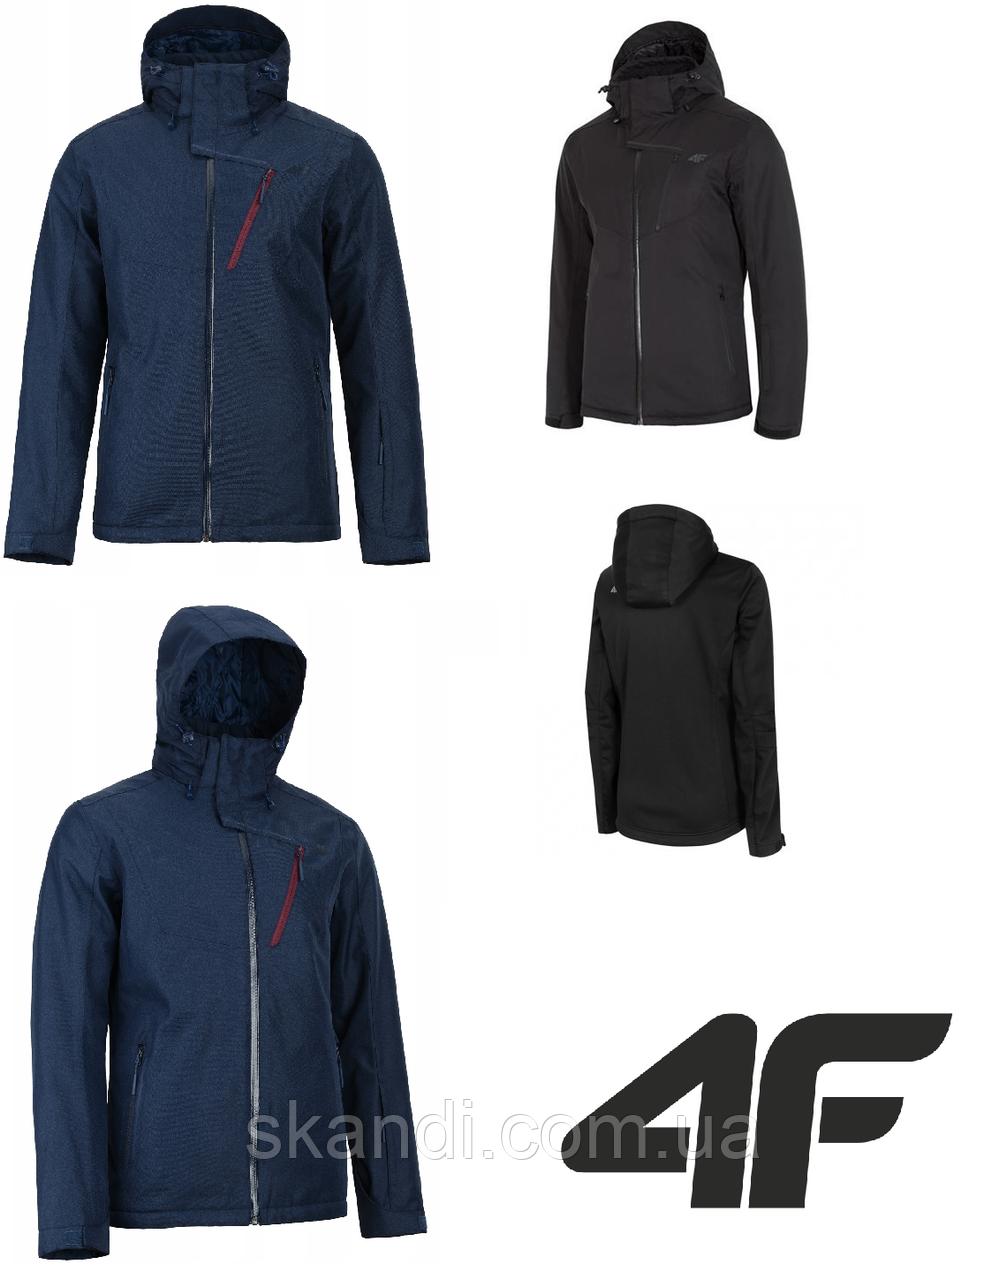 Мужская горнолыжная куртка 4F(Оригинал) S\M\L\XL\2XL